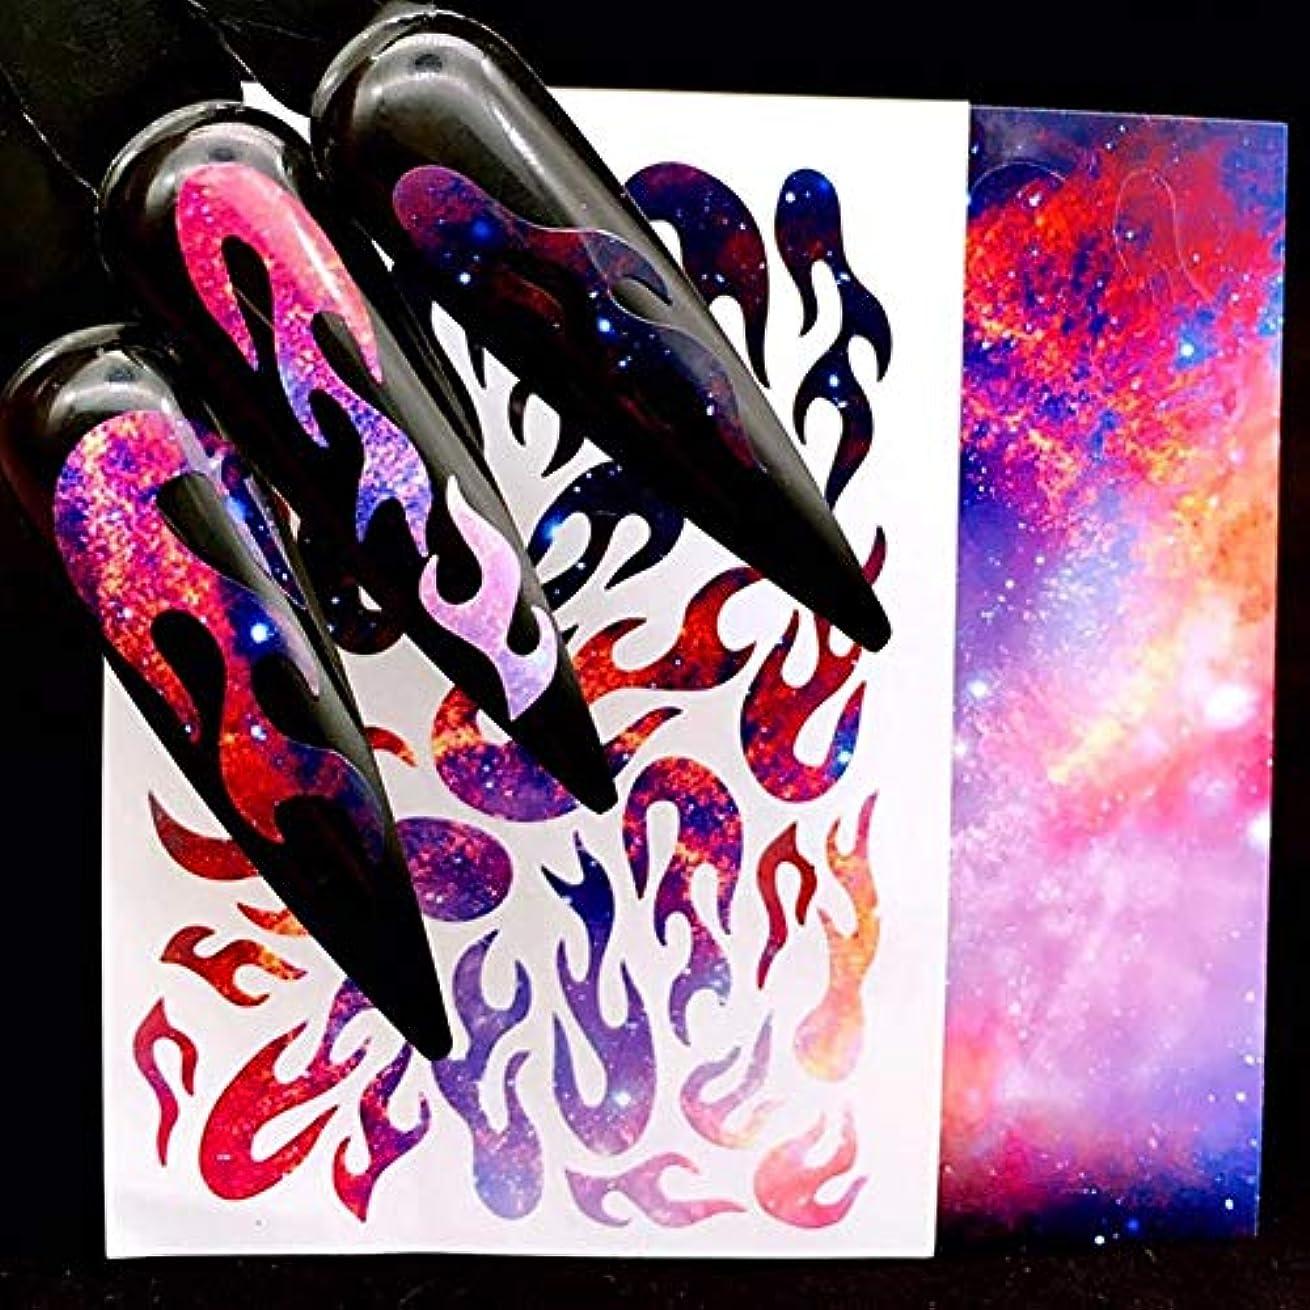 ボトルネック絶え間ない式Murakush ネイルステッカー レーザー接着 ステッカー 炎パターン オーロラ マニキュア装飾 ネイルアート デカールツール 3#